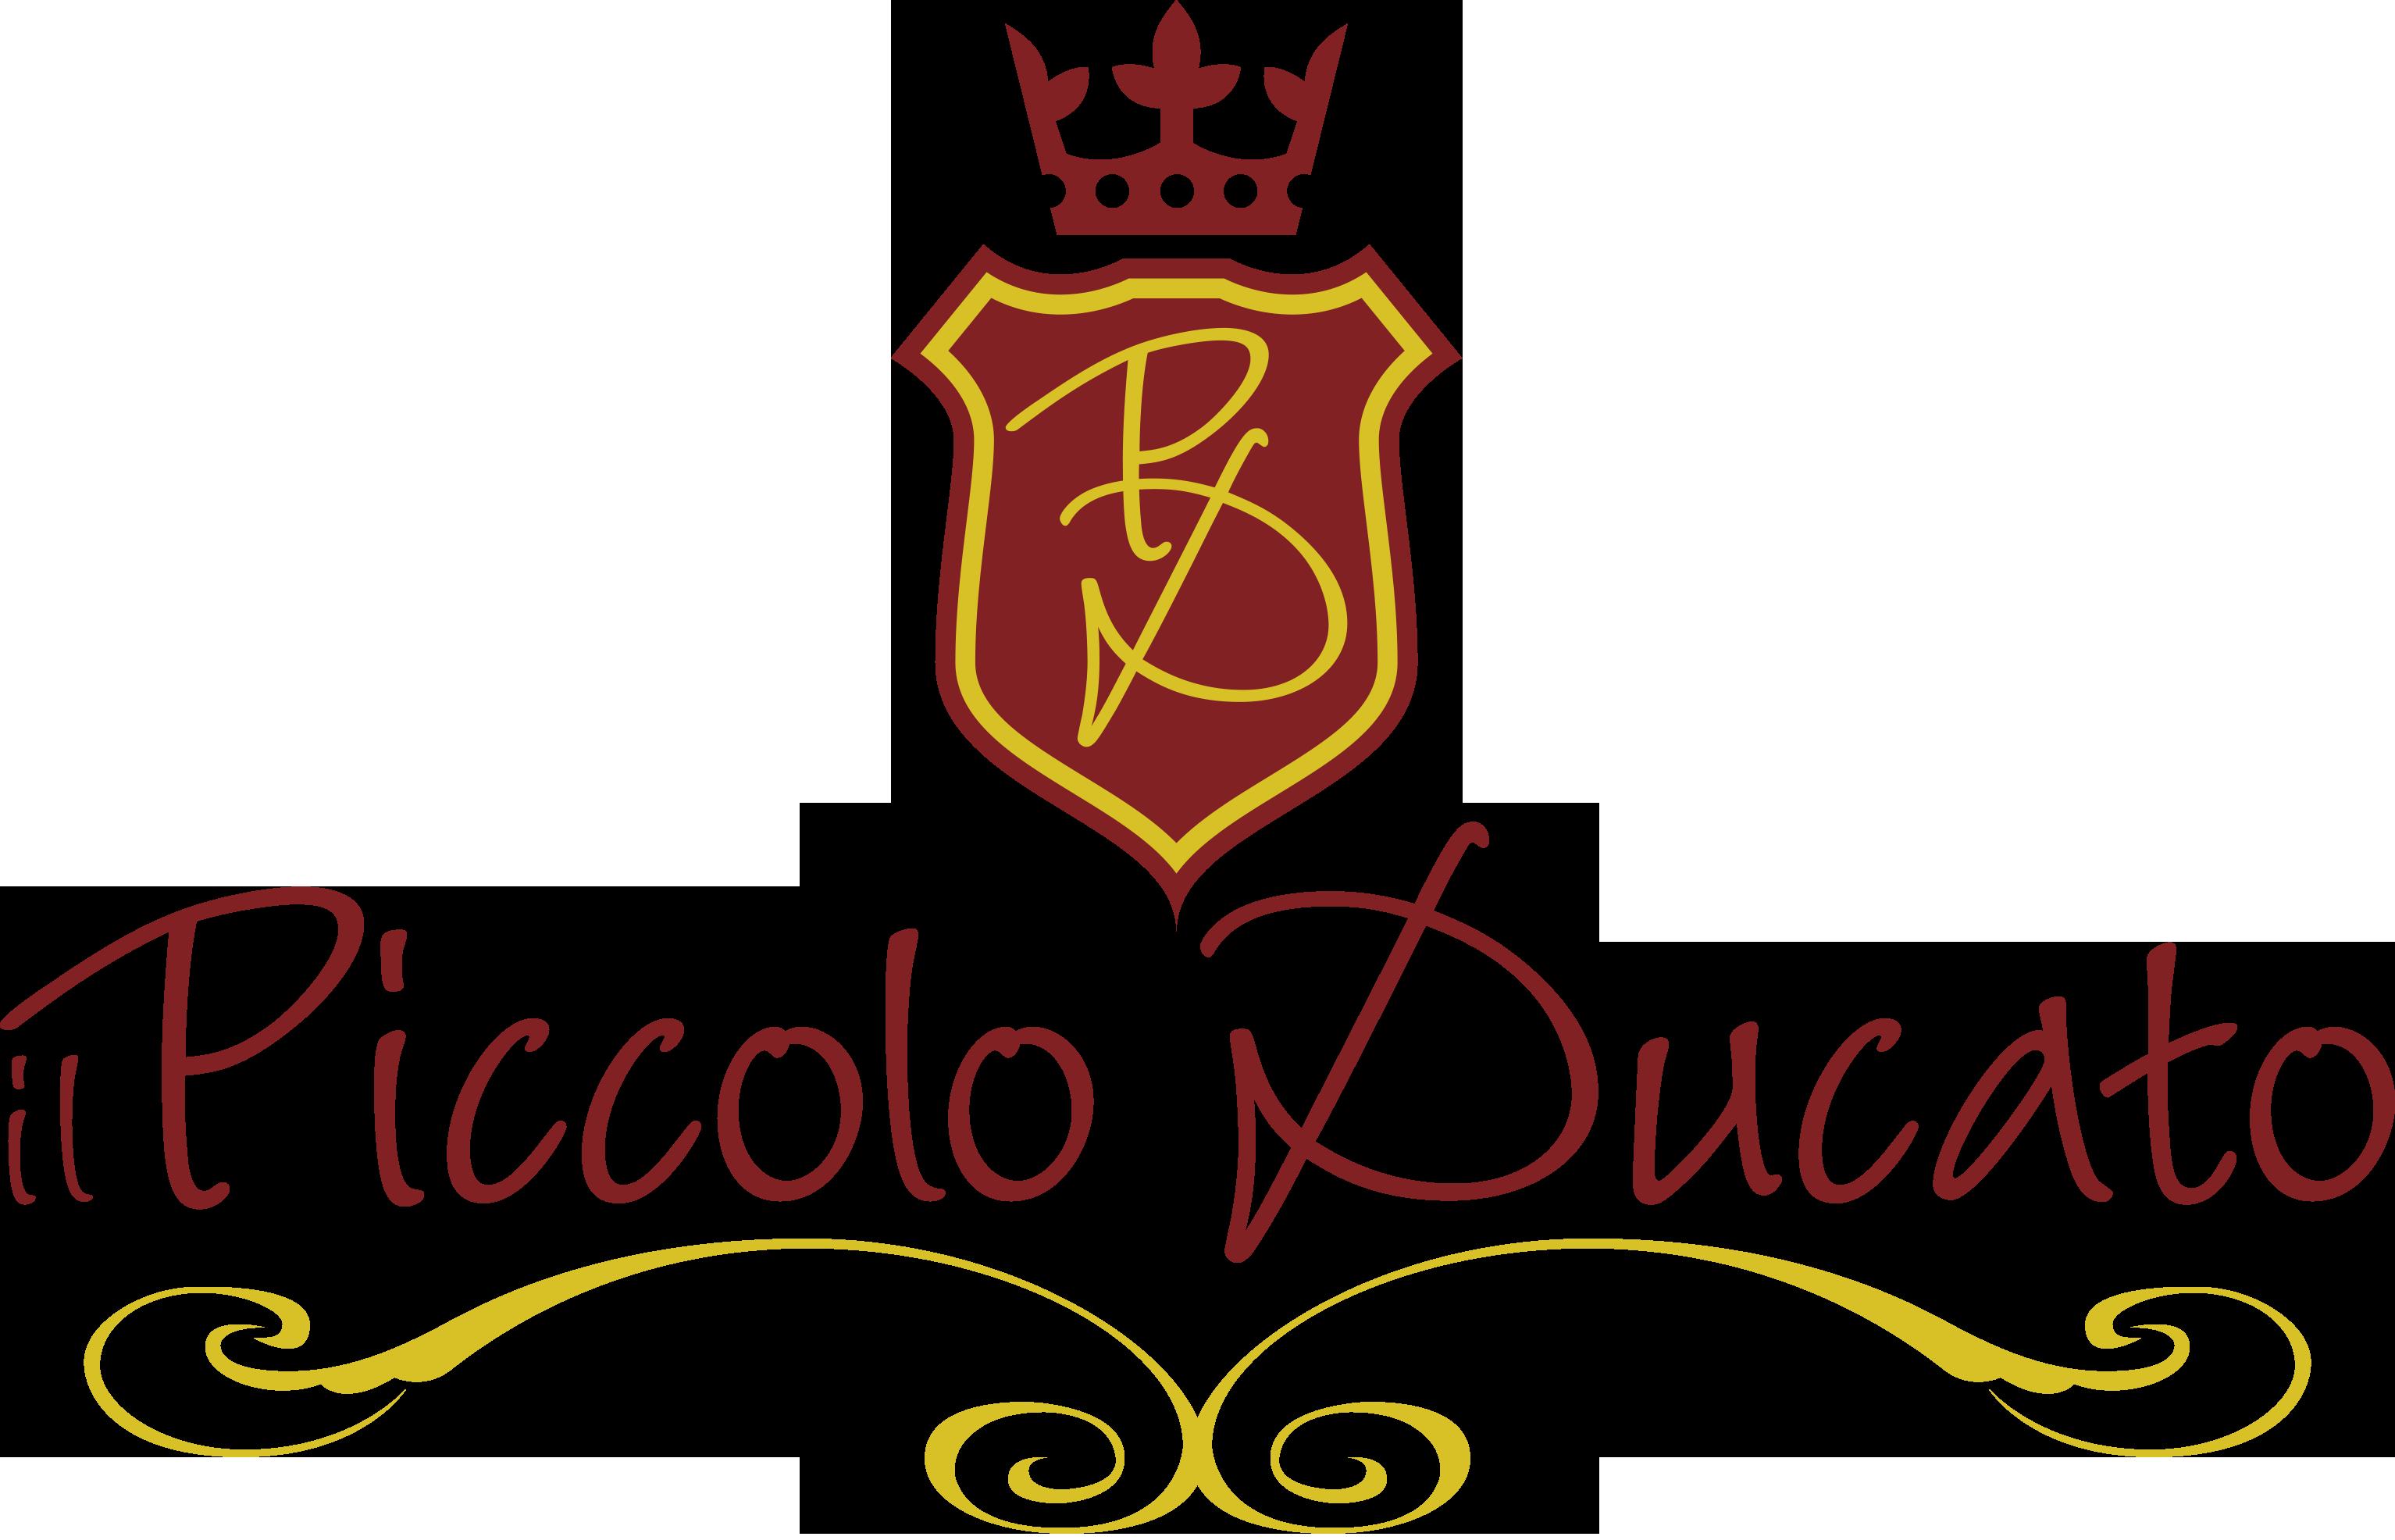 Il Piccolo Ducato